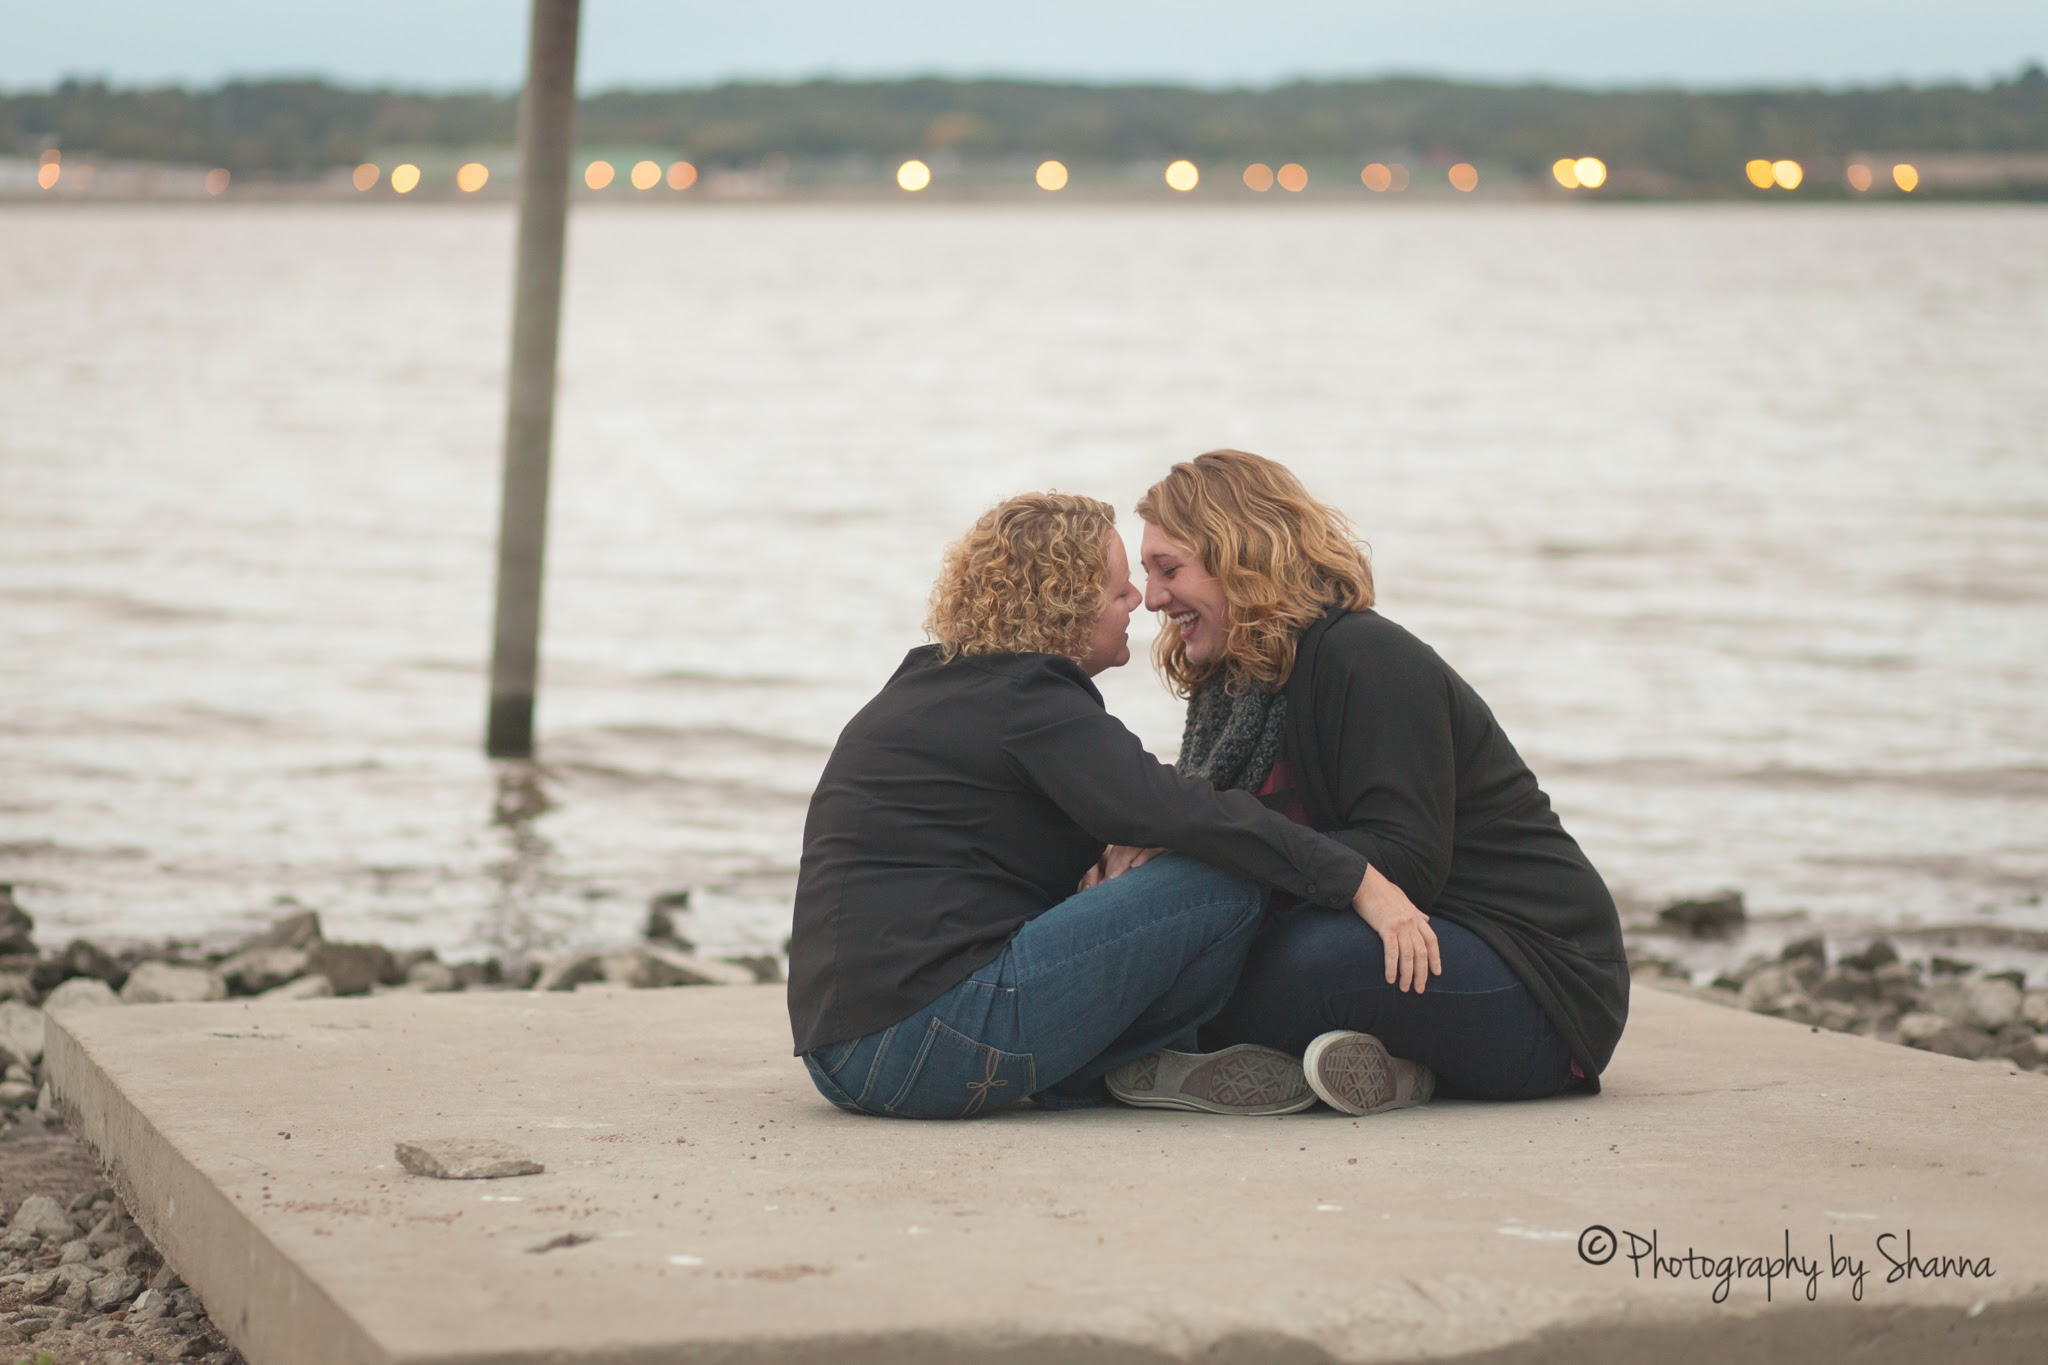 DiAnn & Lauren wedding engagement in Peoria Illinois by Shanna Aitken